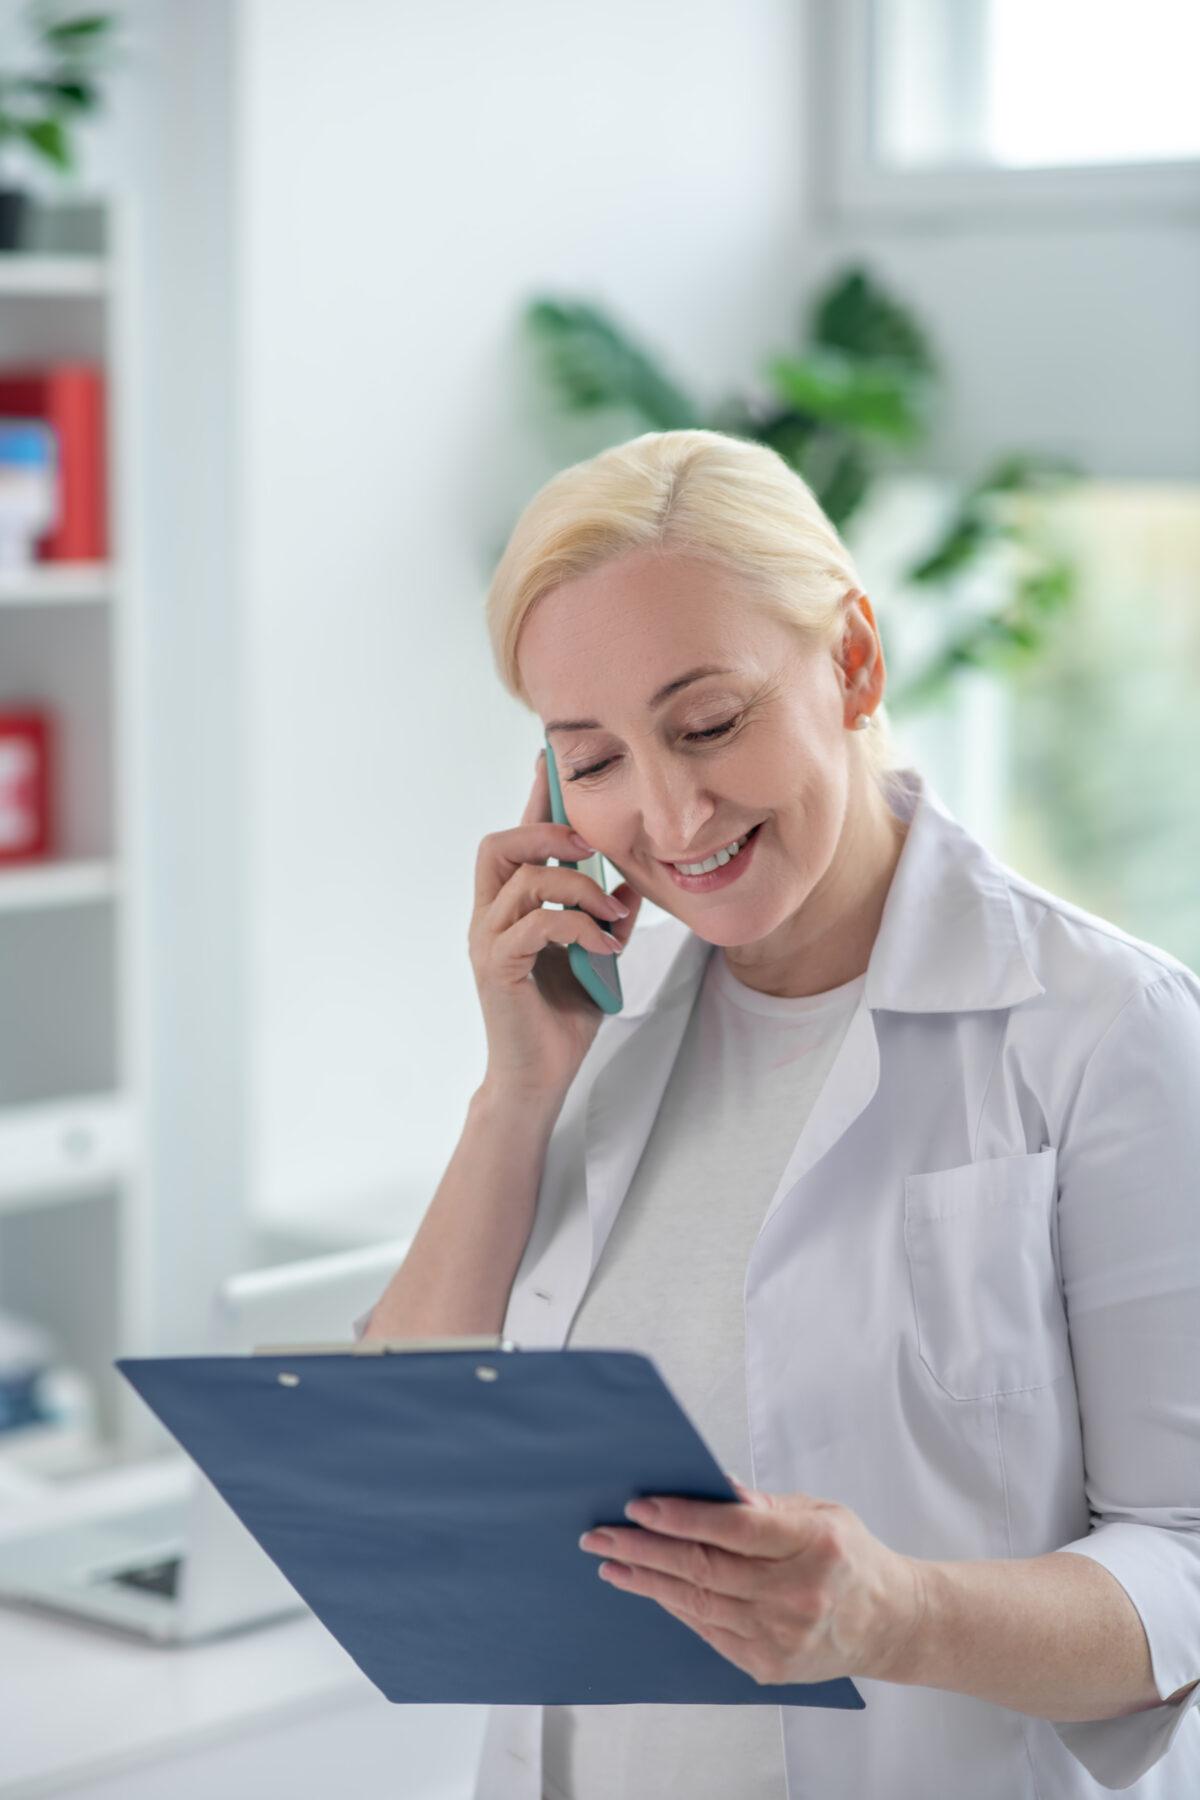 Mulher idosa no telefone prevalece o branco com prancheta Desperta Debora